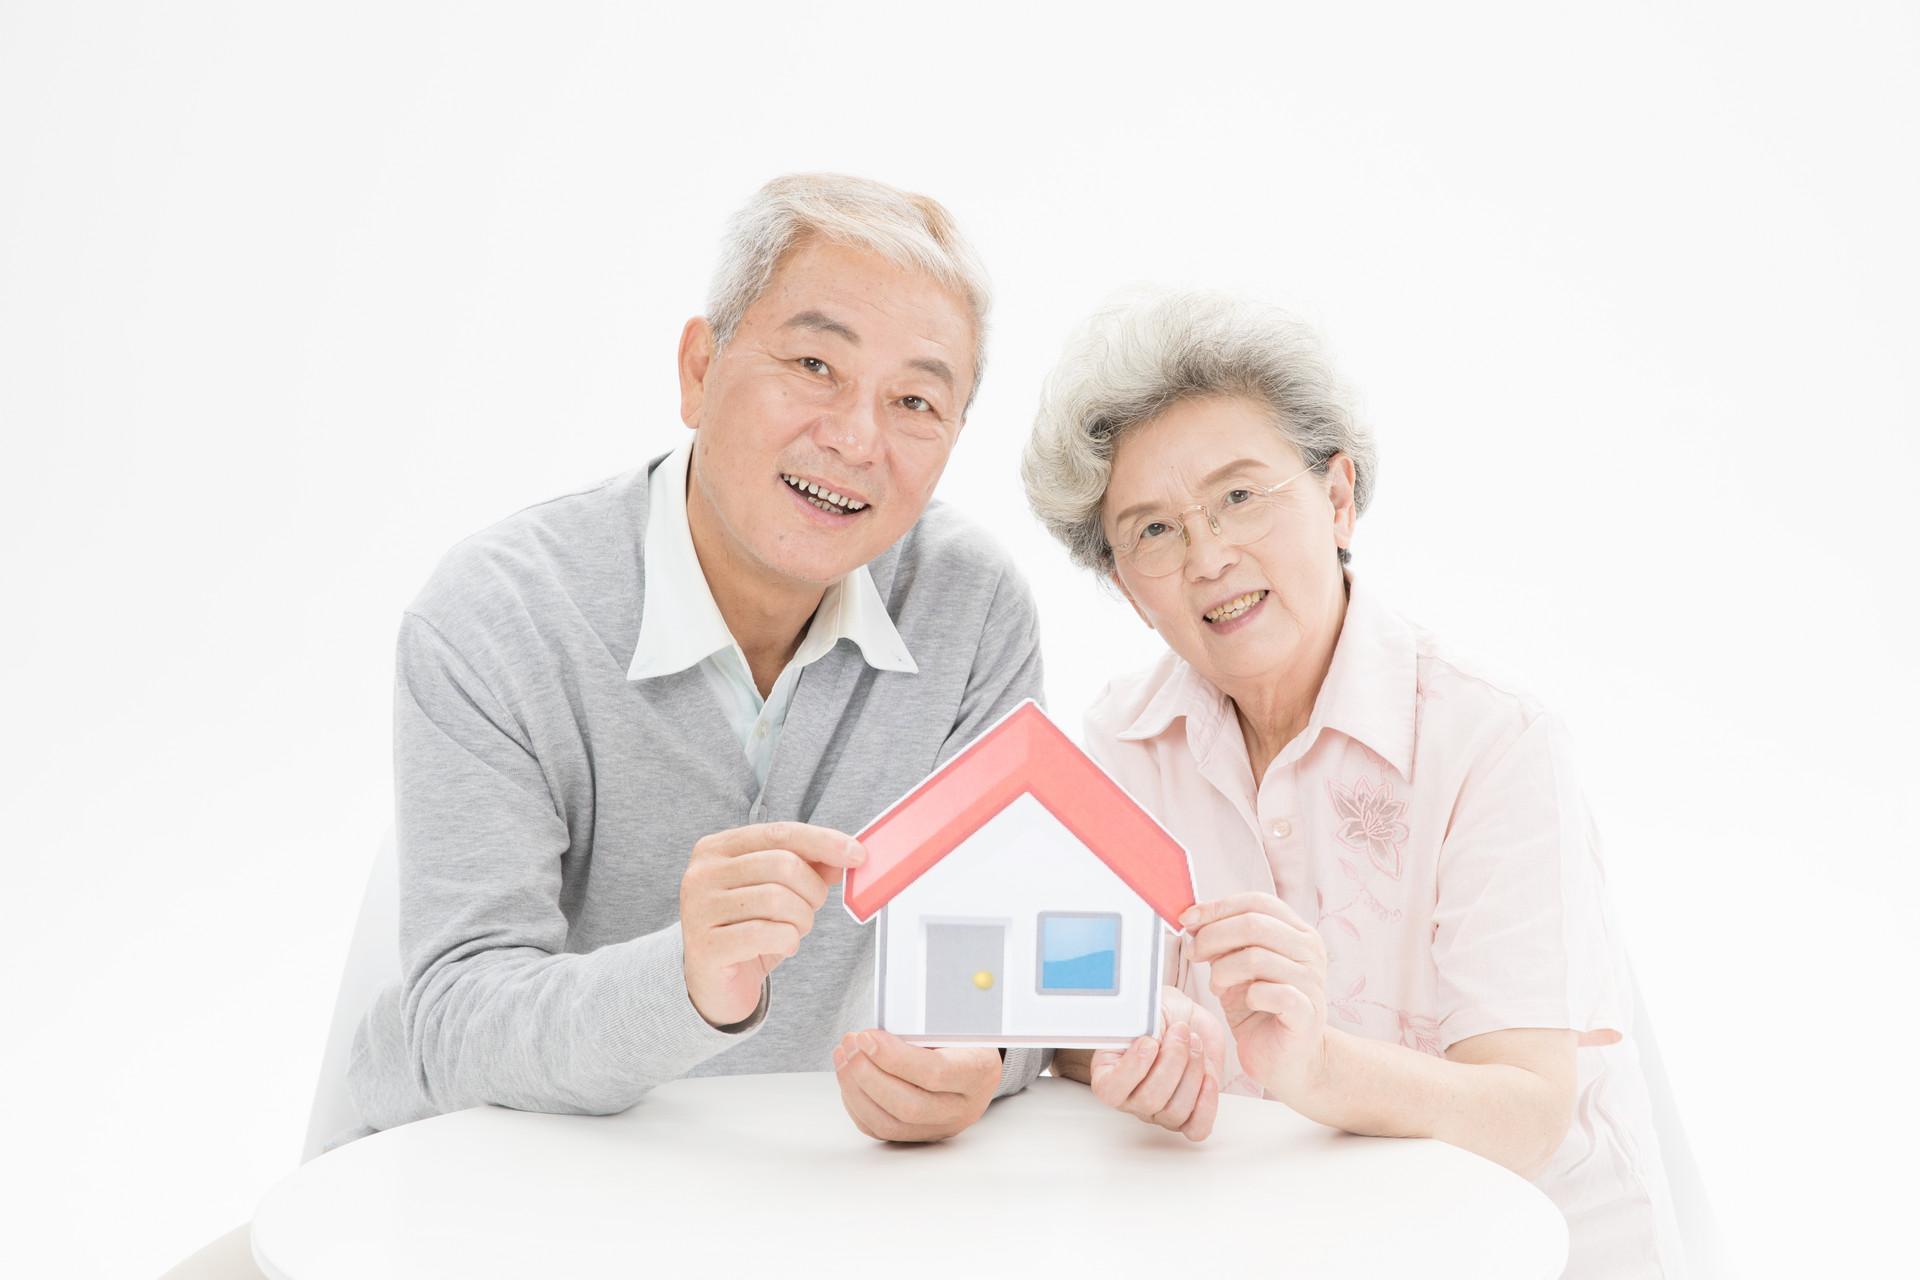 中国保险行业协会发布《养老保险2020研究报告》